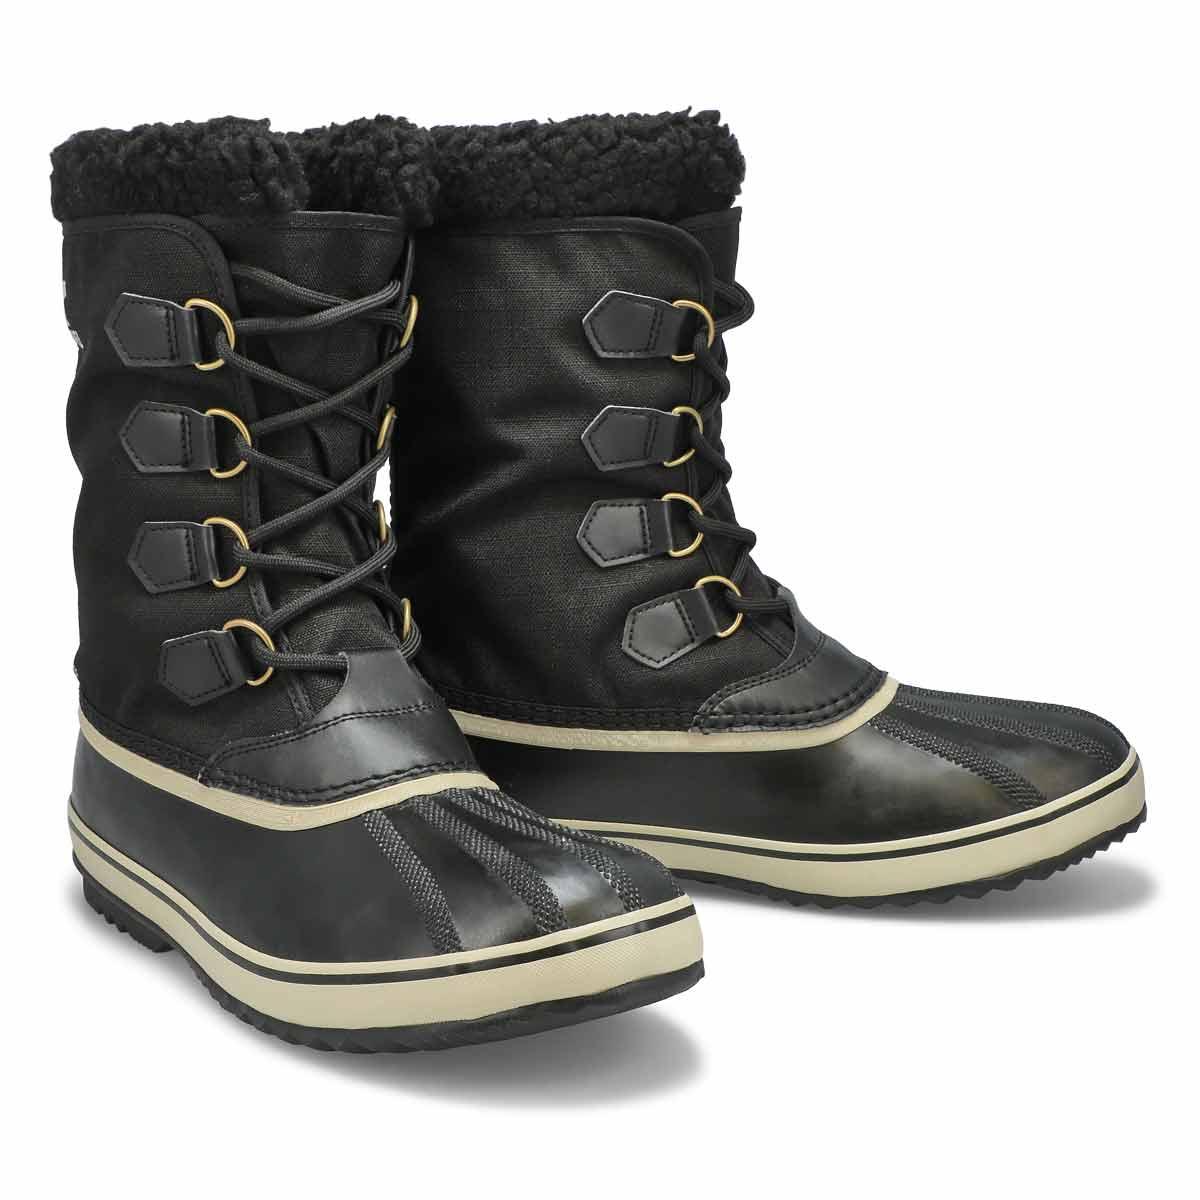 Mns 1964PacNylon blk/fossl wtp wntr boot